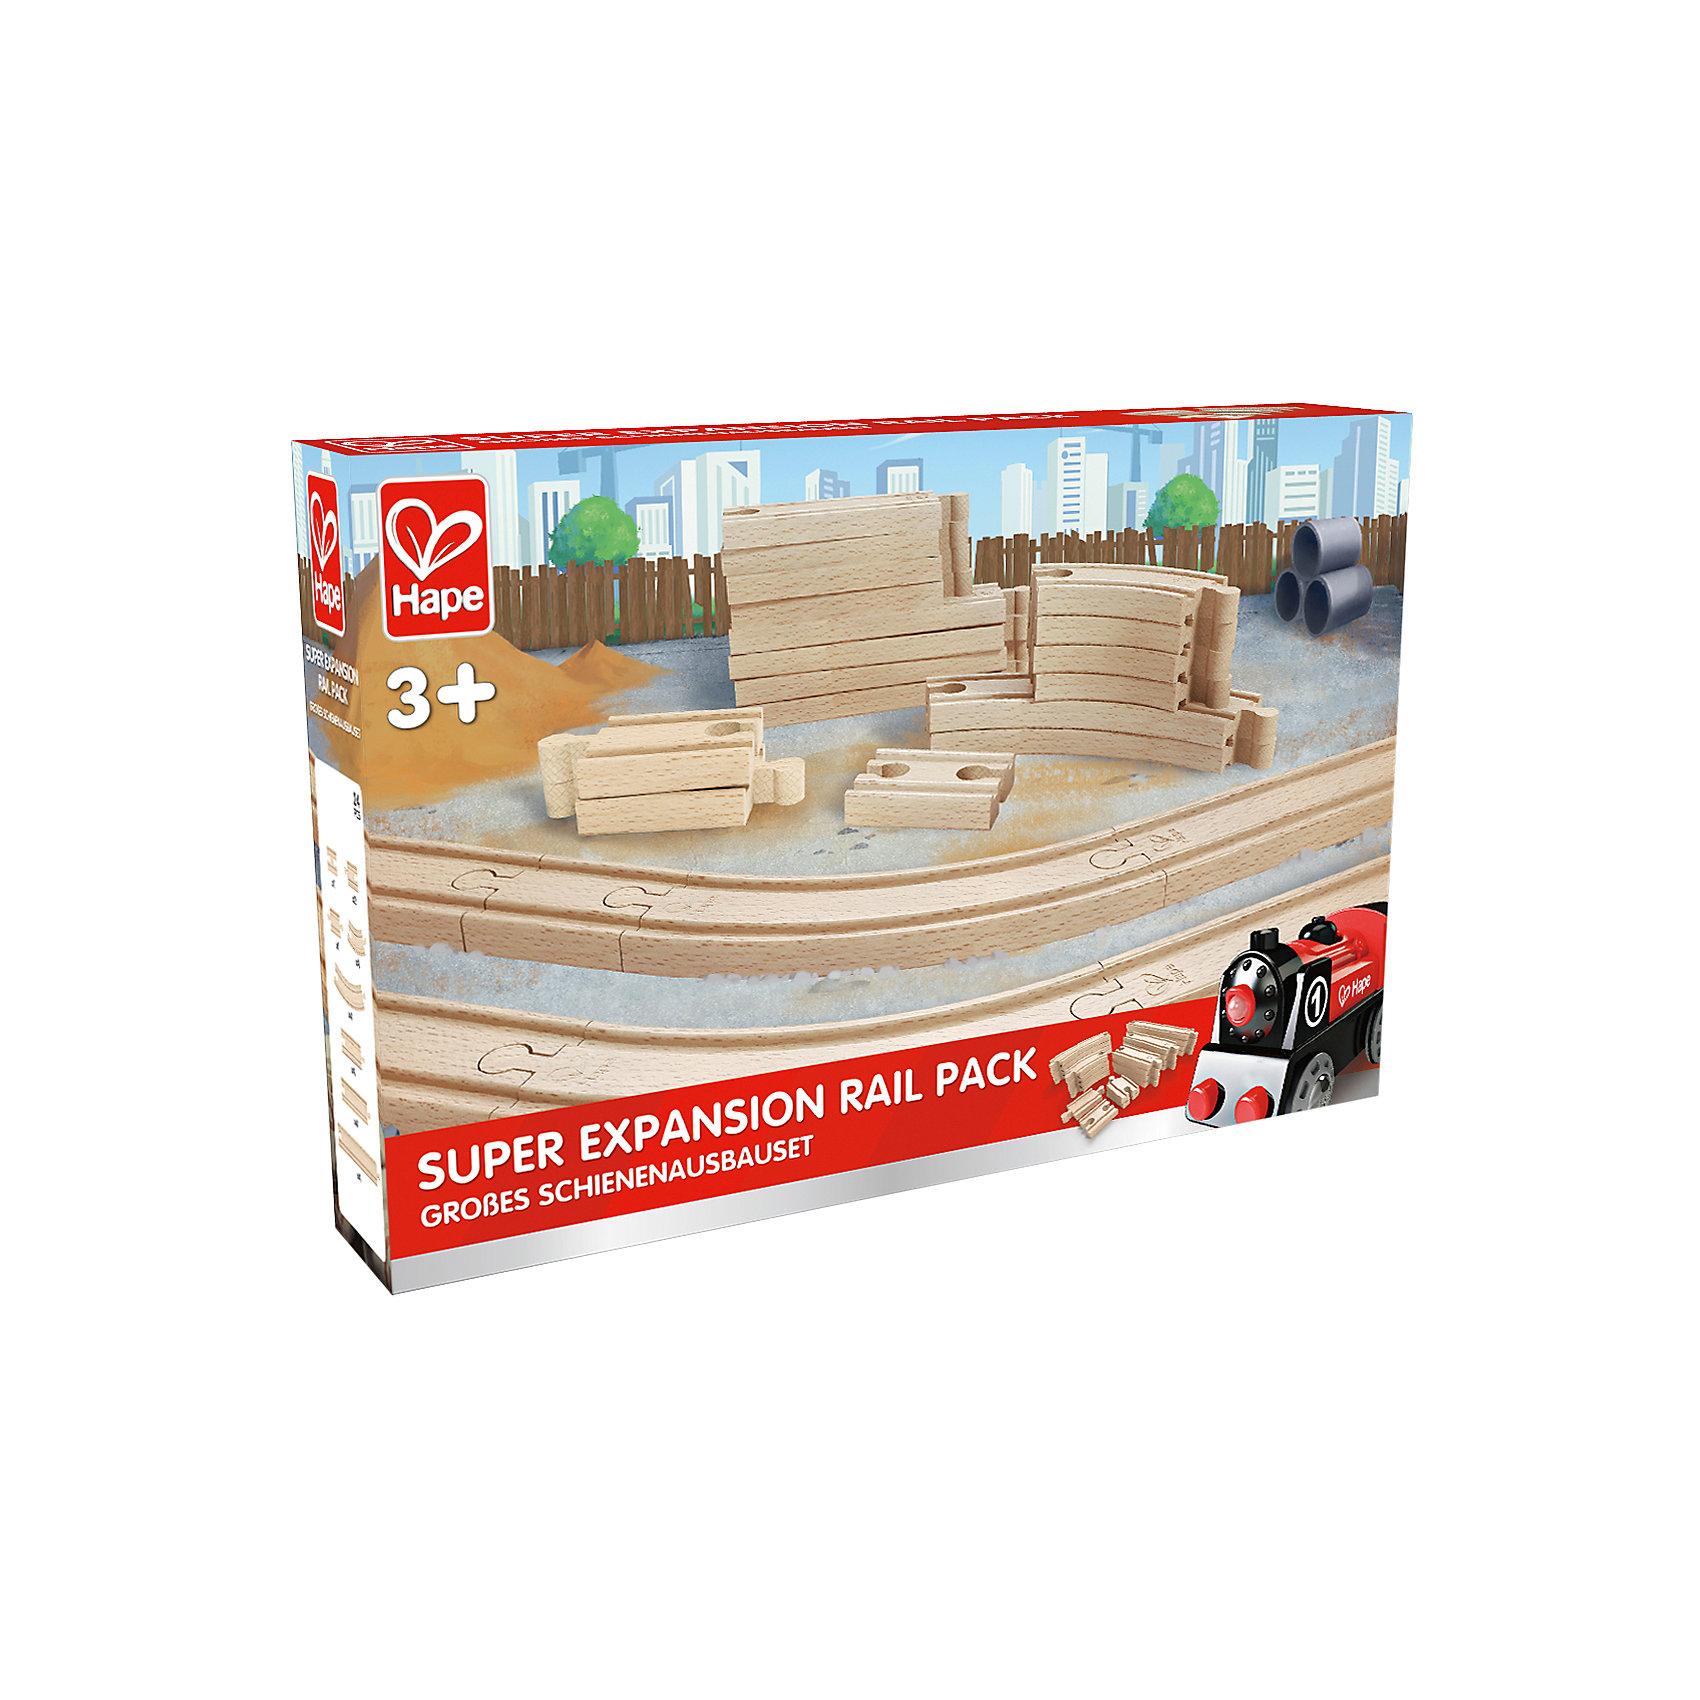 Игровой набор Железная дорога, HapeИгровой набор Железная дорога, Hape (Хейп).<br><br>Характеристики:<br><br>- В наборе: элементы для сборки железной дороги<br>- Количество элементов: 24<br>- Материал: древесина<br>- Размер упаковки: 36х6х24 см.<br><br>Игровой набор Железная дорога позволит значительно улучшить конфигурацию деревянной железной дороги от Hape (Хейп). Элементы железнодорожного полотна легко присоединяется к любой железной дороге Hape (E3700, E3712, E3713). Набор изготовлен из отлично отшлифованного, натурального дерева.<br><br>Игровой набор Железная дорога, Hape (Хейп) можно купить в нашем интернет-магазине.<br><br>Ширина мм: 60<br>Глубина мм: 360<br>Высота мм: 240<br>Вес г: 1217<br>Возраст от месяцев: 36<br>Возраст до месяцев: 84<br>Пол: Мужской<br>Возраст: Детский<br>SKU: 5309153